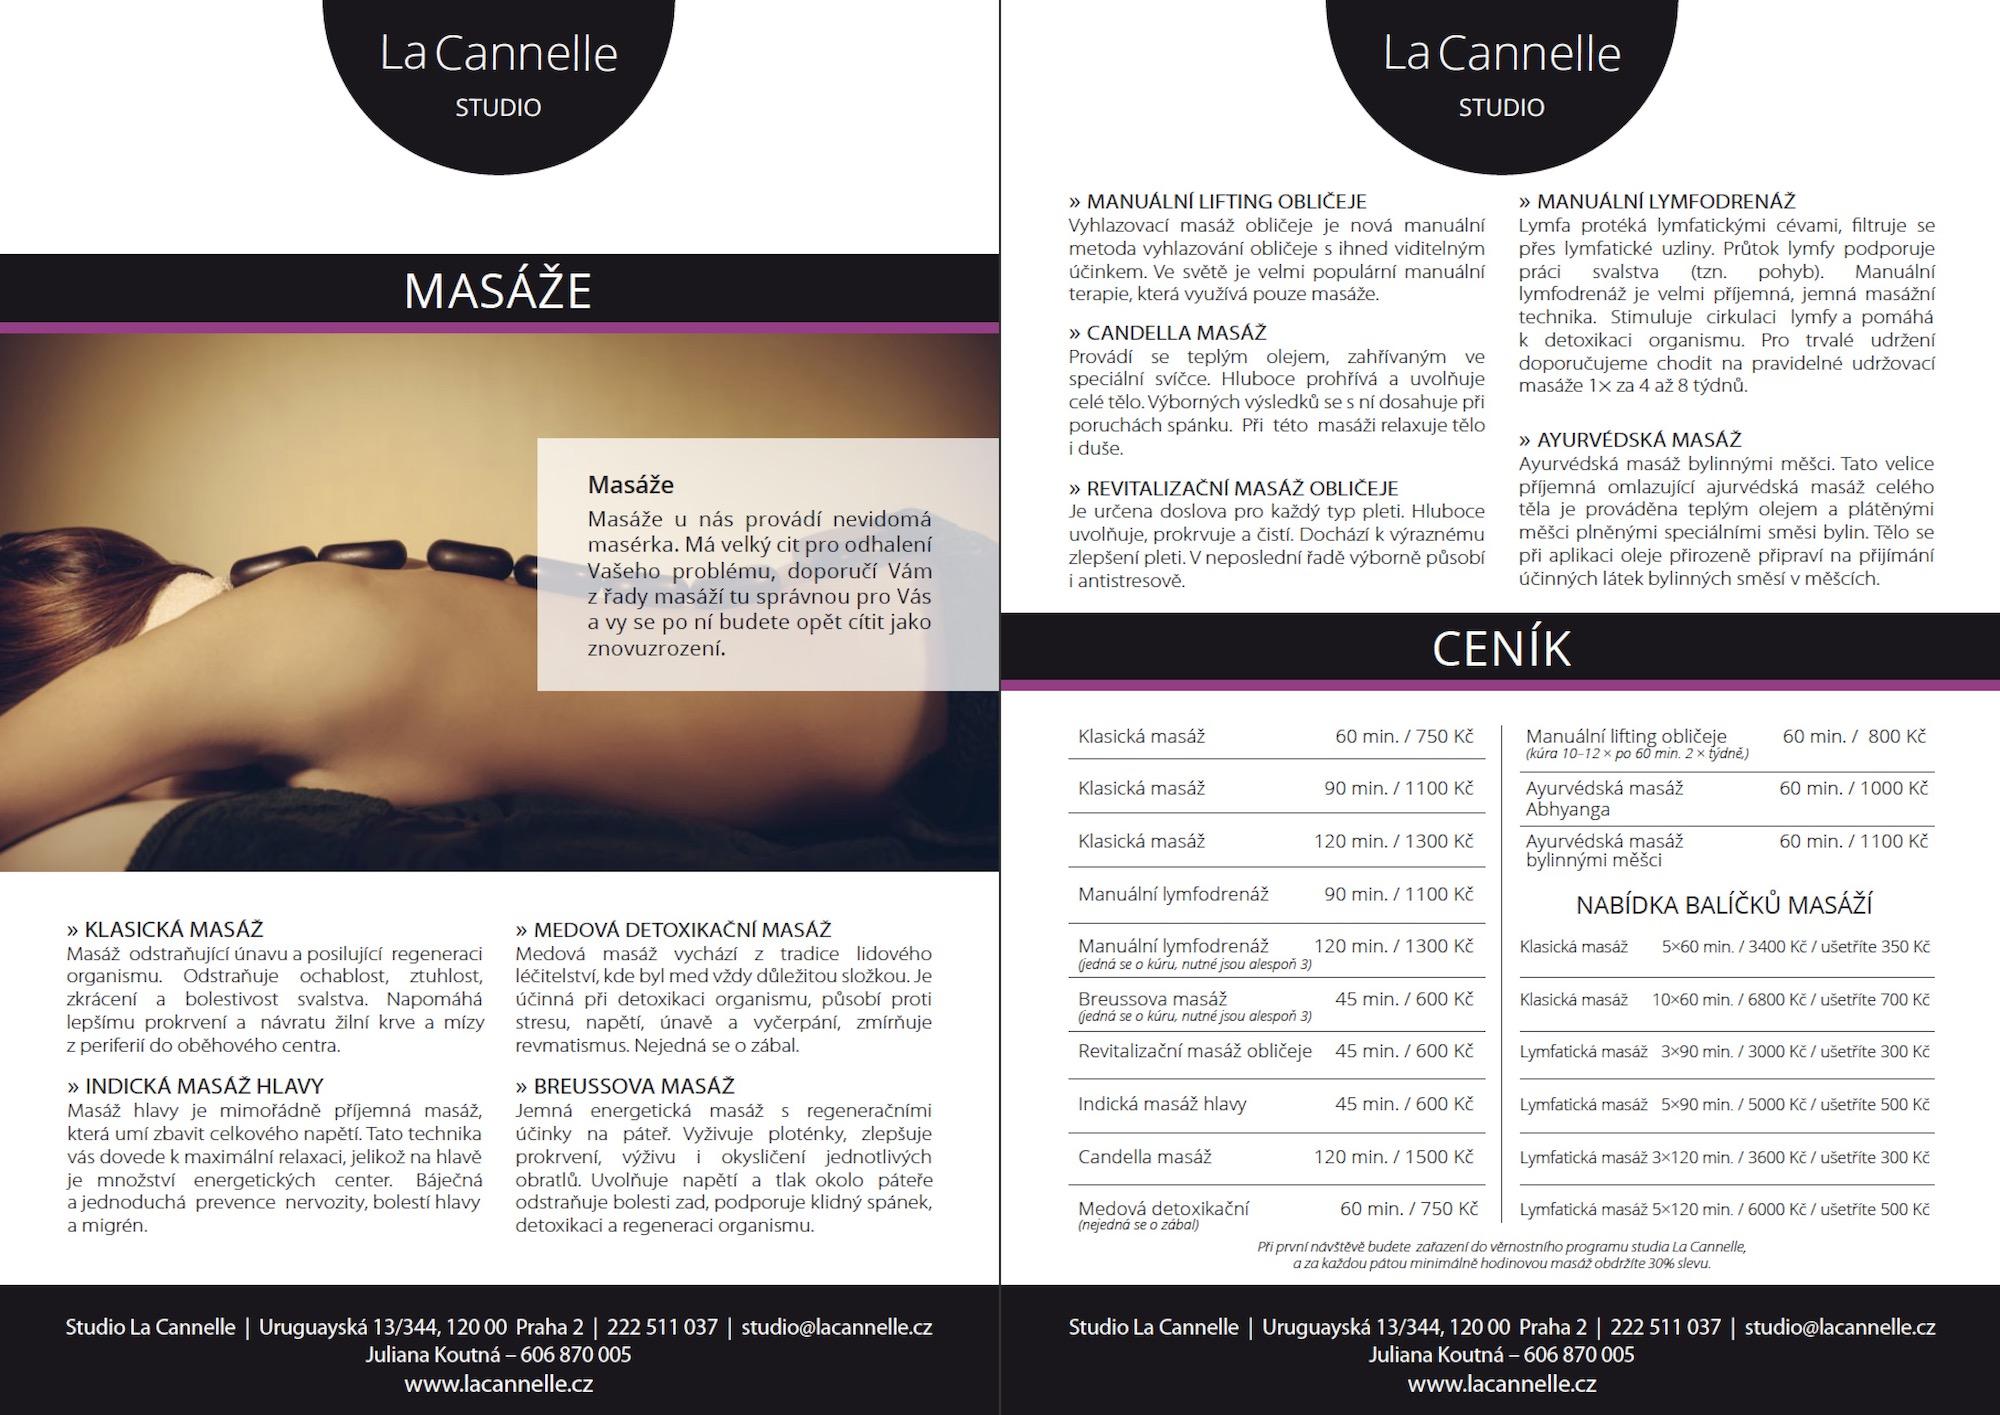 CI – La Cannelle